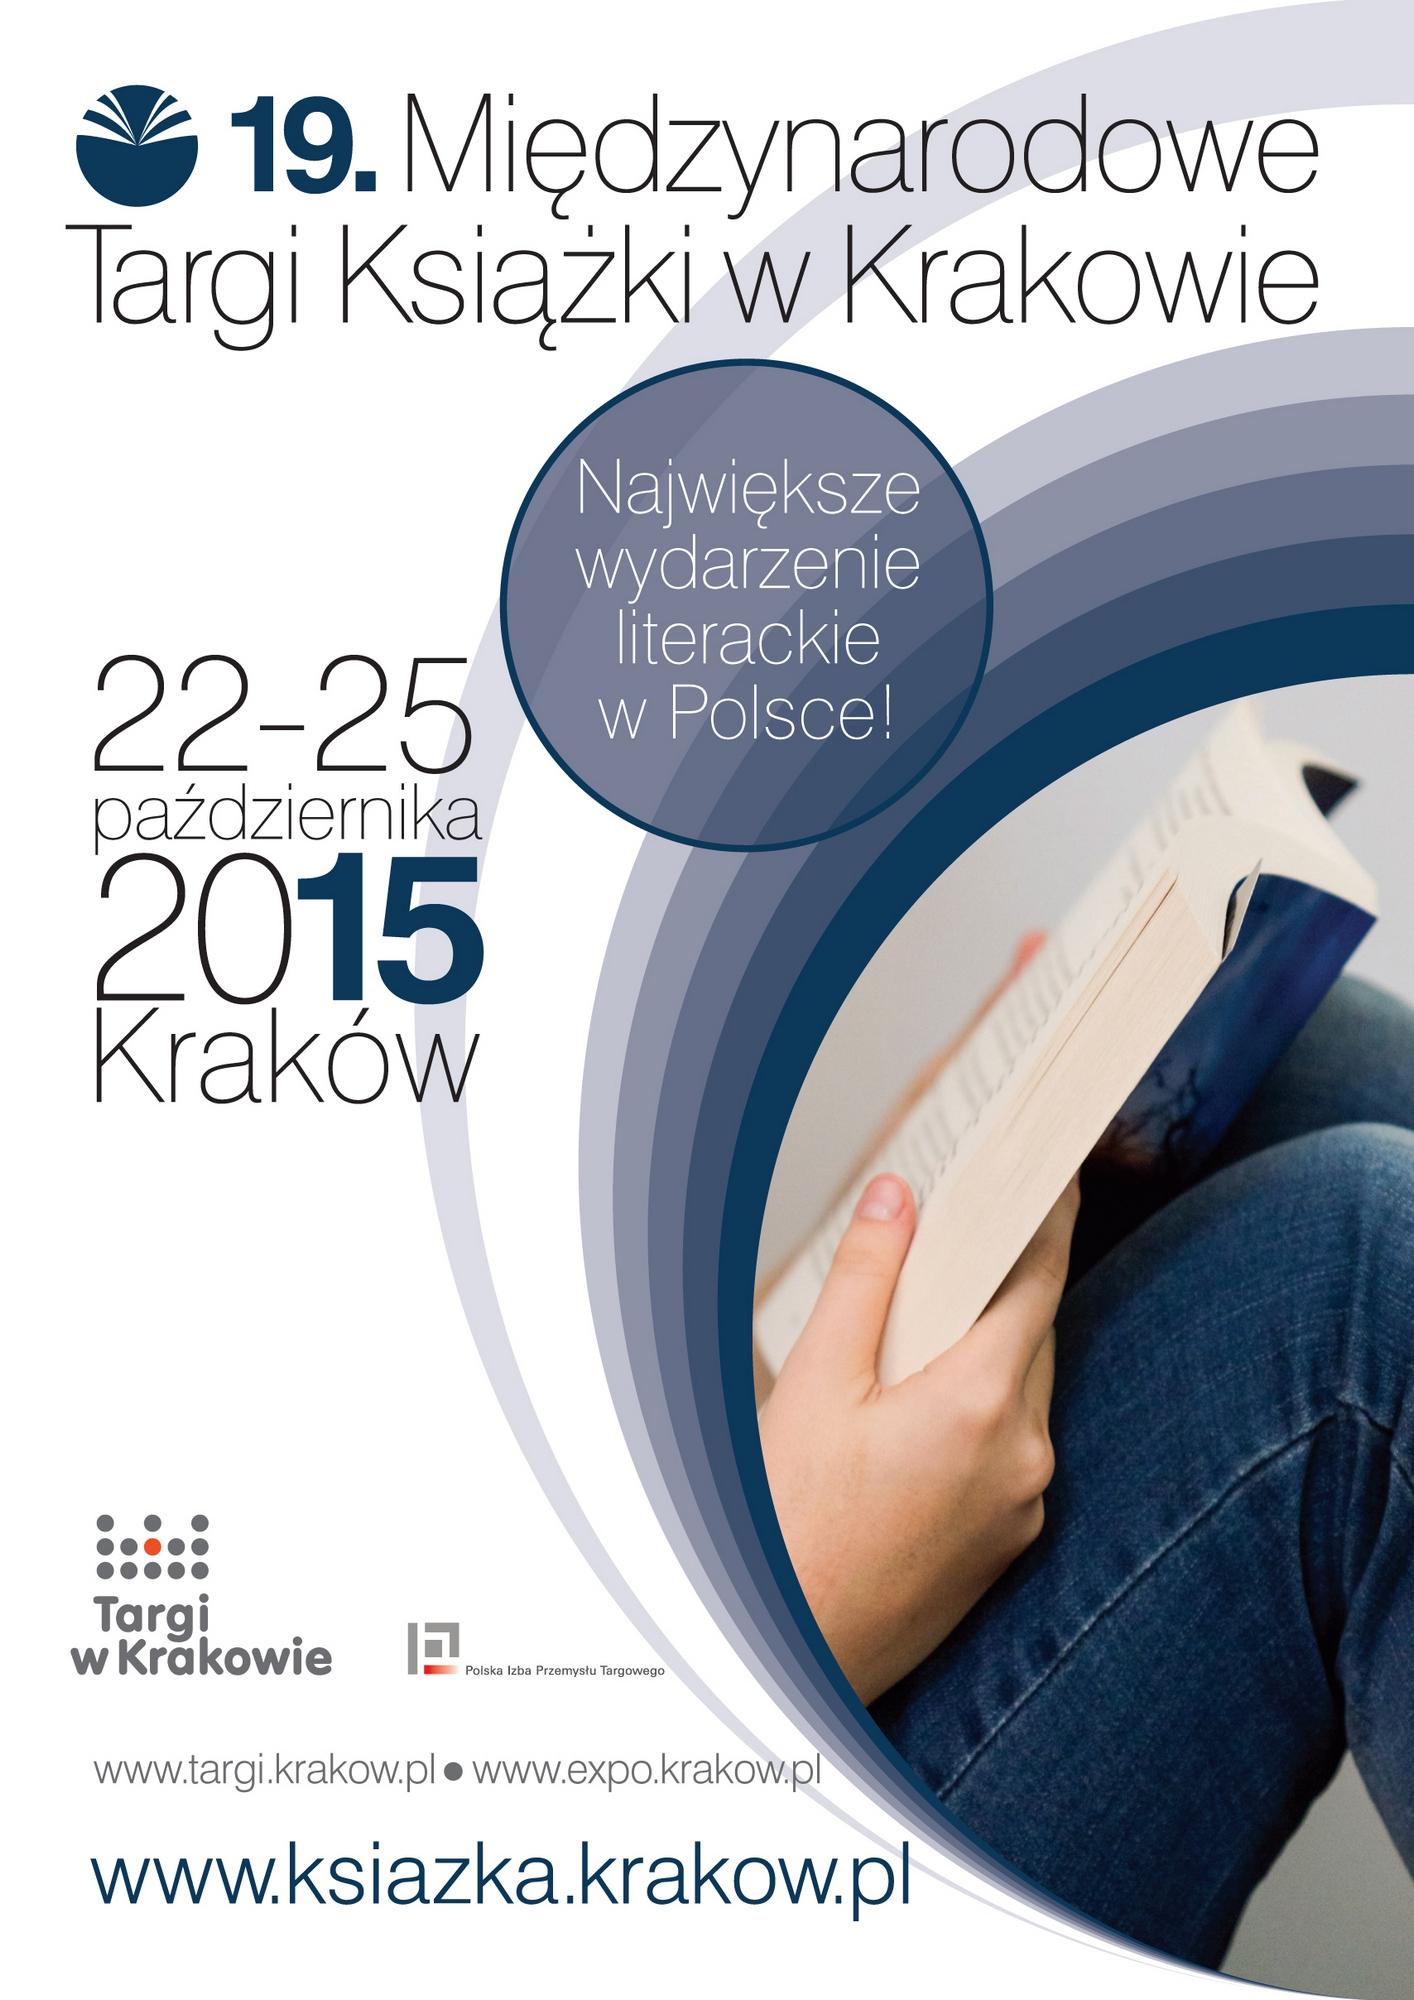 19. Targi Książki w Krakowie – plakat (źródło: materiały prasowe organizatora)